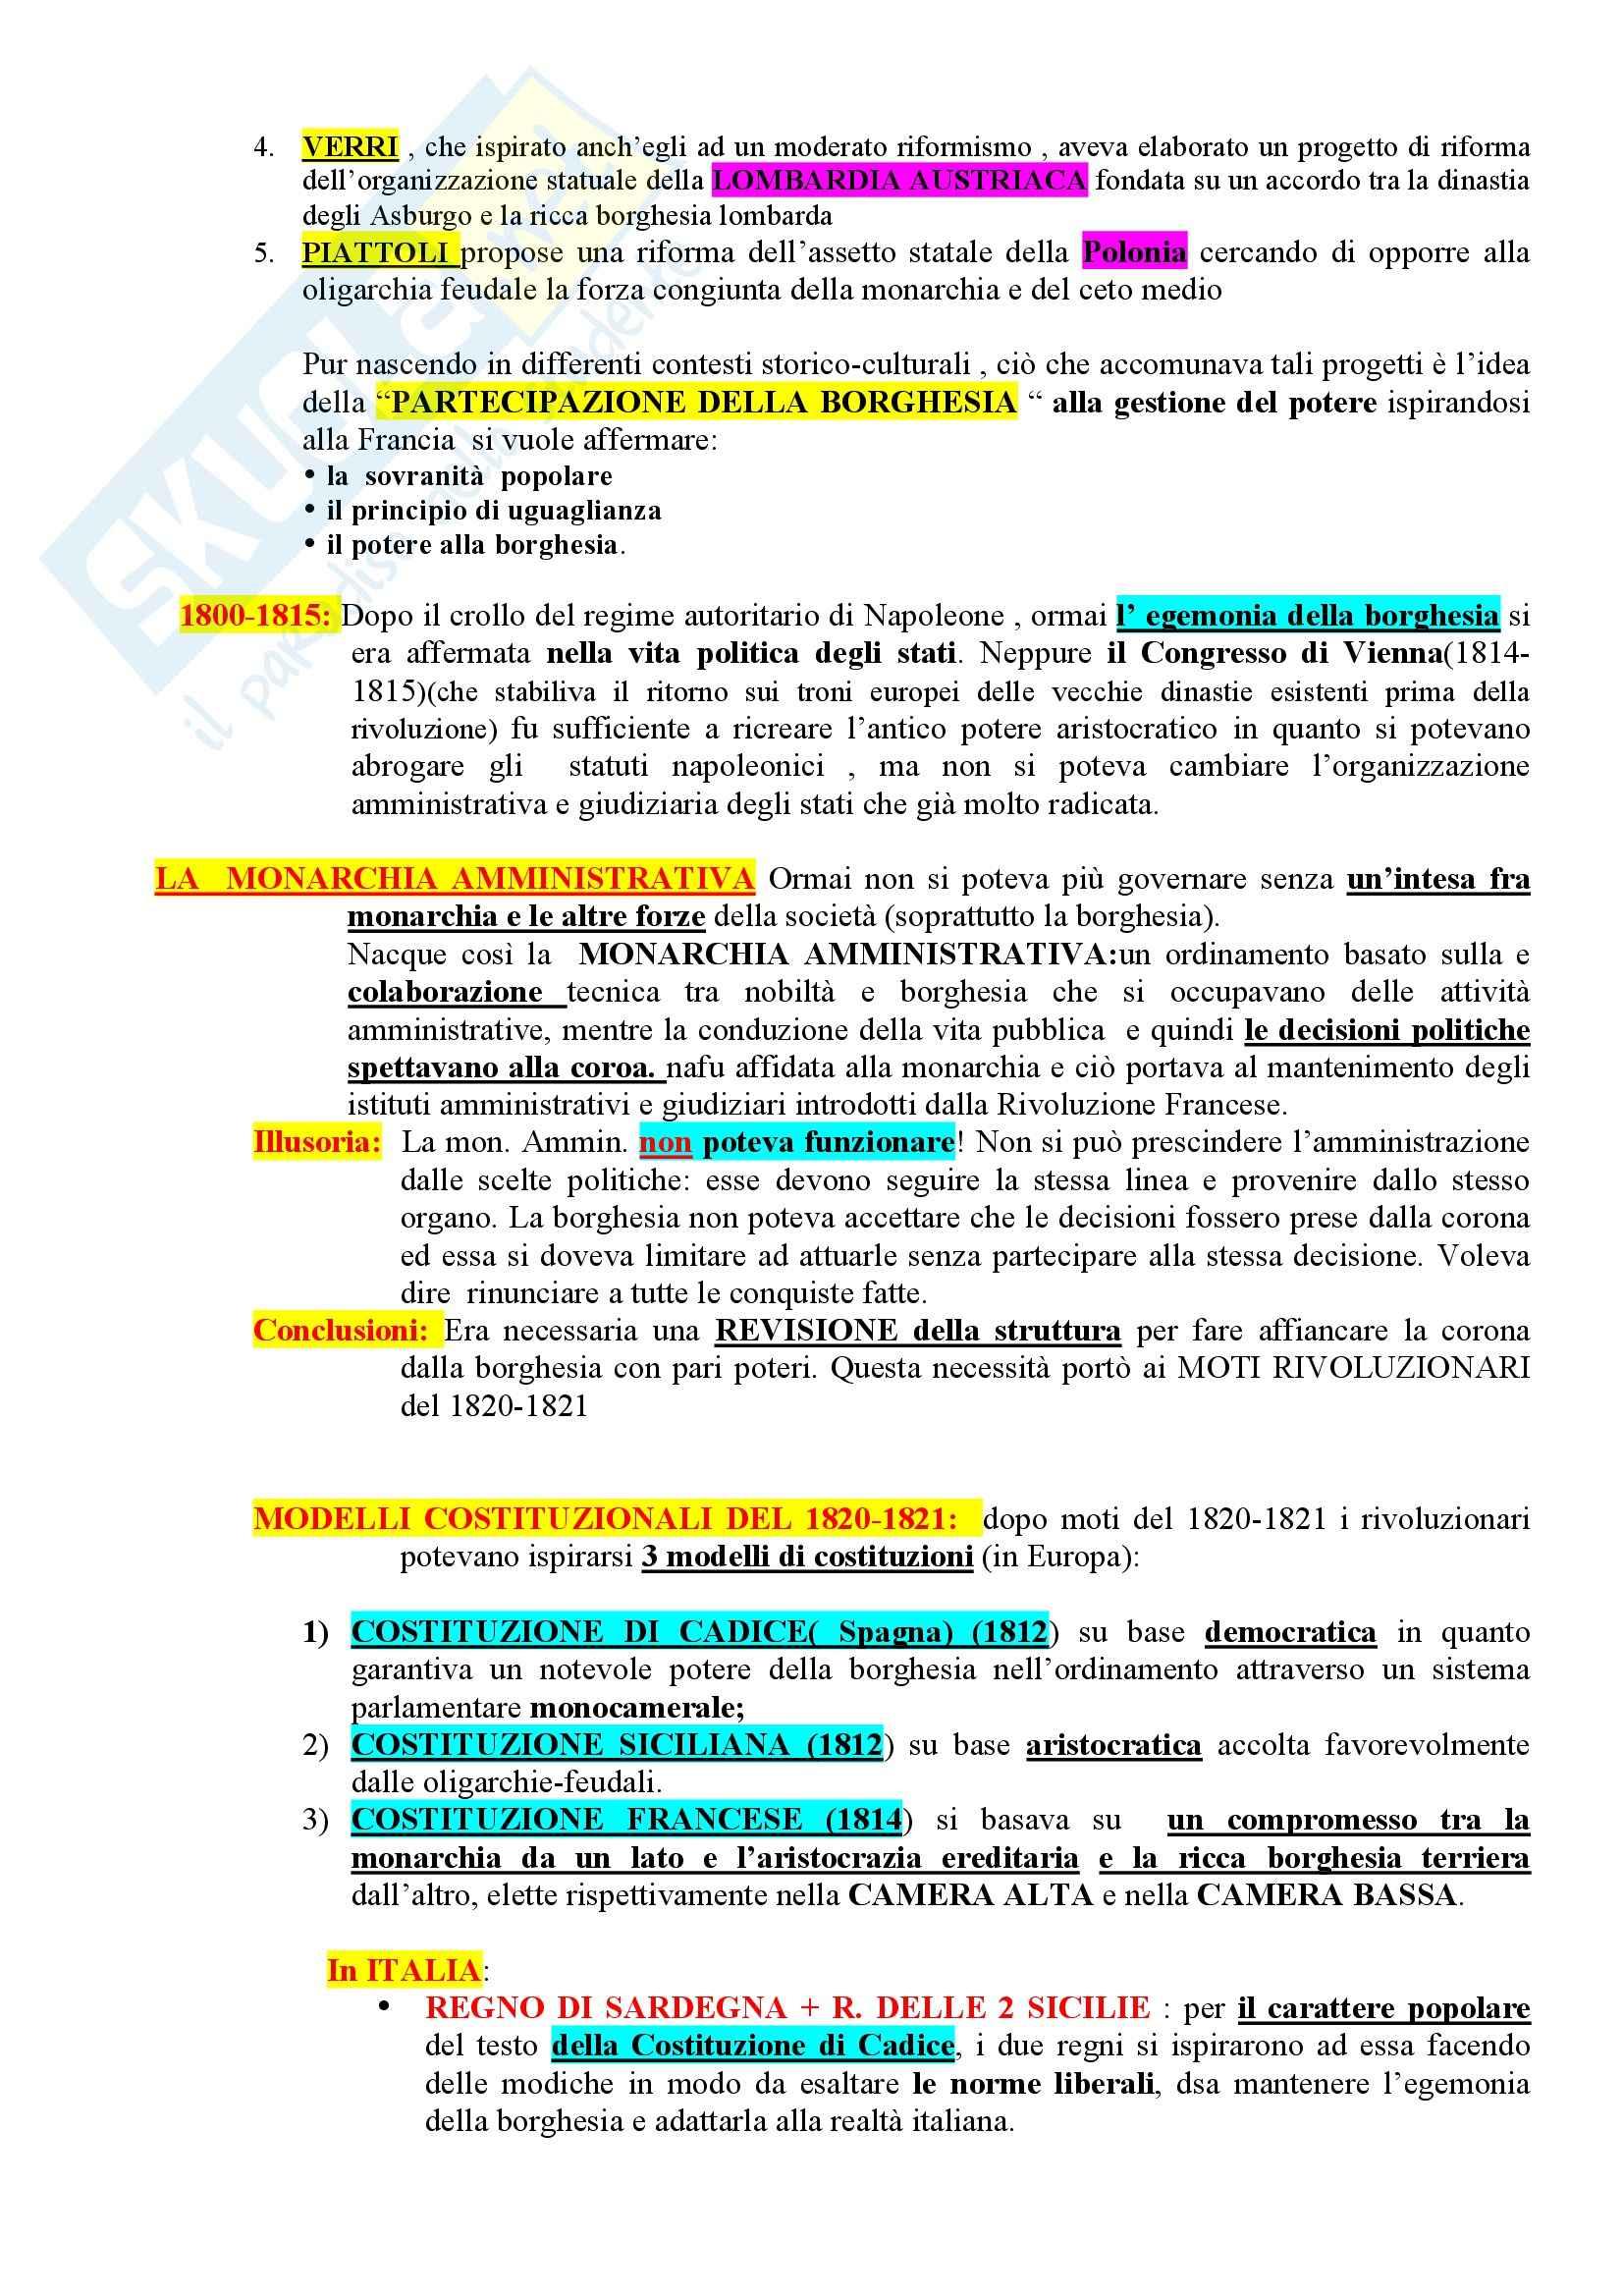 Riassunto esame Storia del diritto costituzionale, prof. Girotto, libro consigliato Storia Costituzionale d'Italia, Ghisalberti Pag. 2